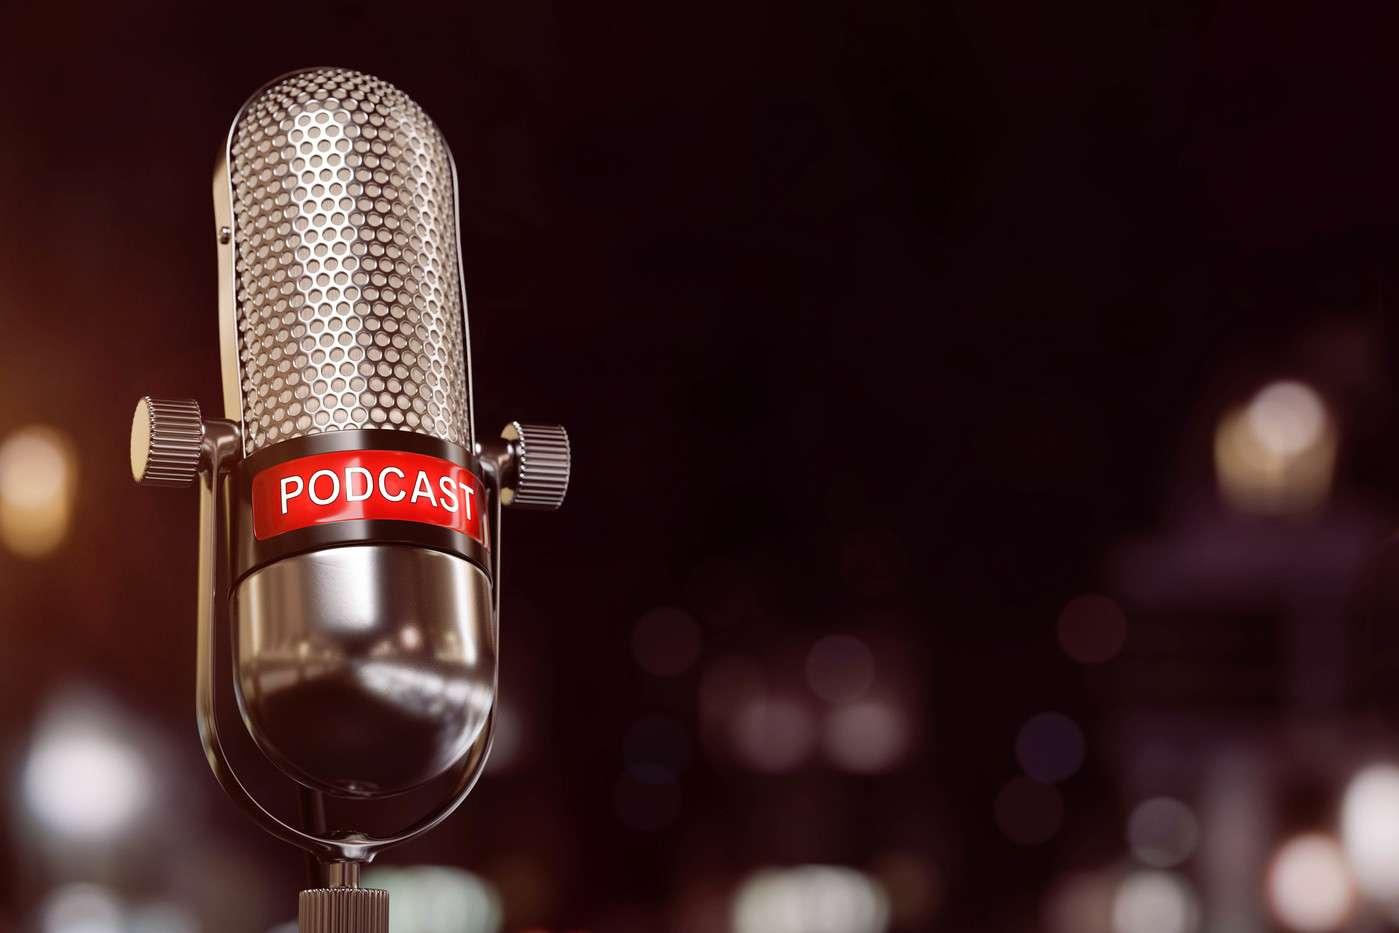 Voici notre sélection de podcasts sur l'environnement, la planète et l'écologie à écouter pendant (et après) le COP25. © Fotomek, Adobe Stock